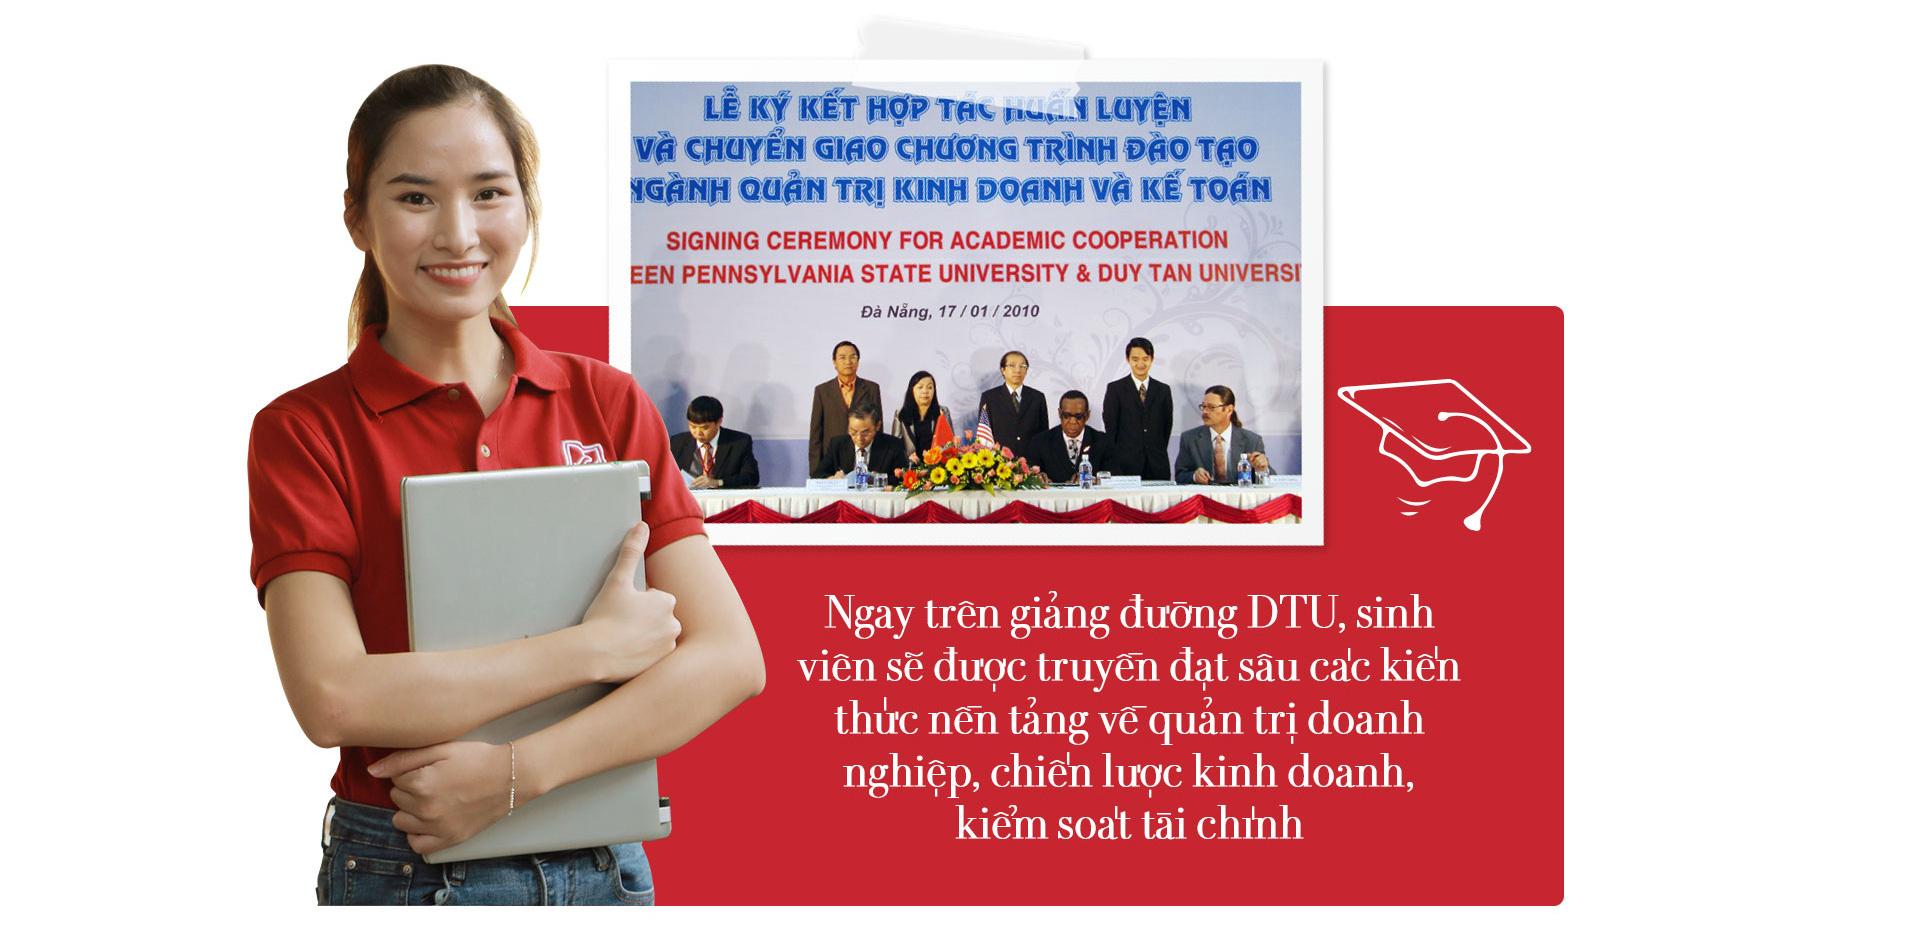 SV Quản trị Kinh doanh, Kế toán & Ngân hàng DTU với niềm đam mê Sáng tạo và Khởi nghiệp - Ảnh 5.